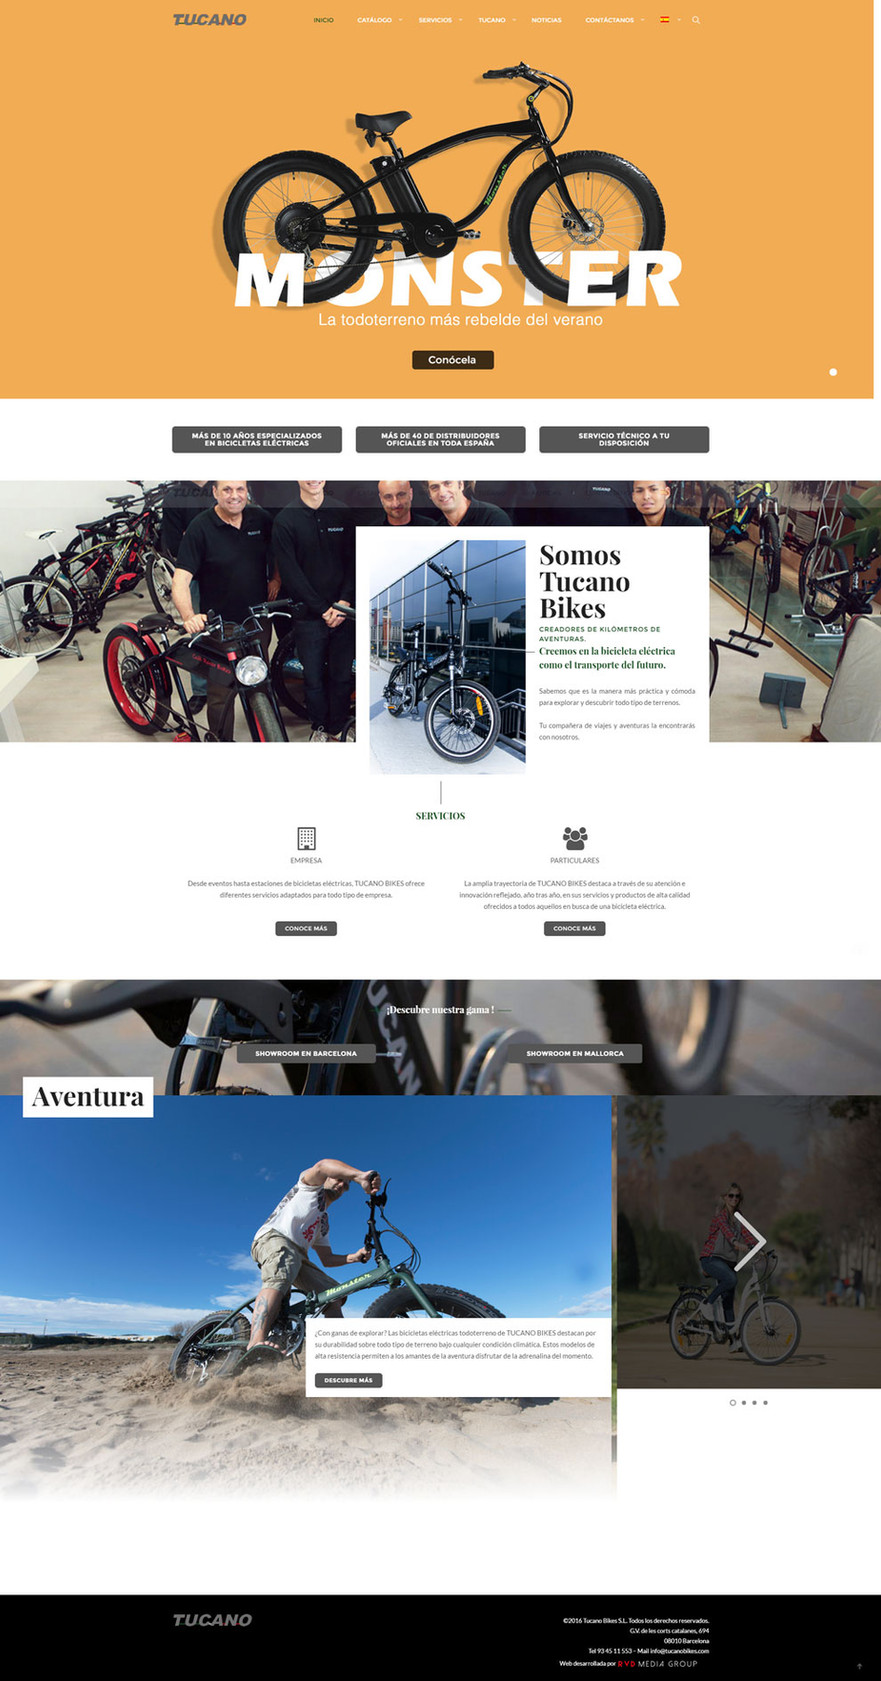 Gerrd Moreno |Diseñador gráfico y fotógrafo freelance | Diseño web pra tucano bikes